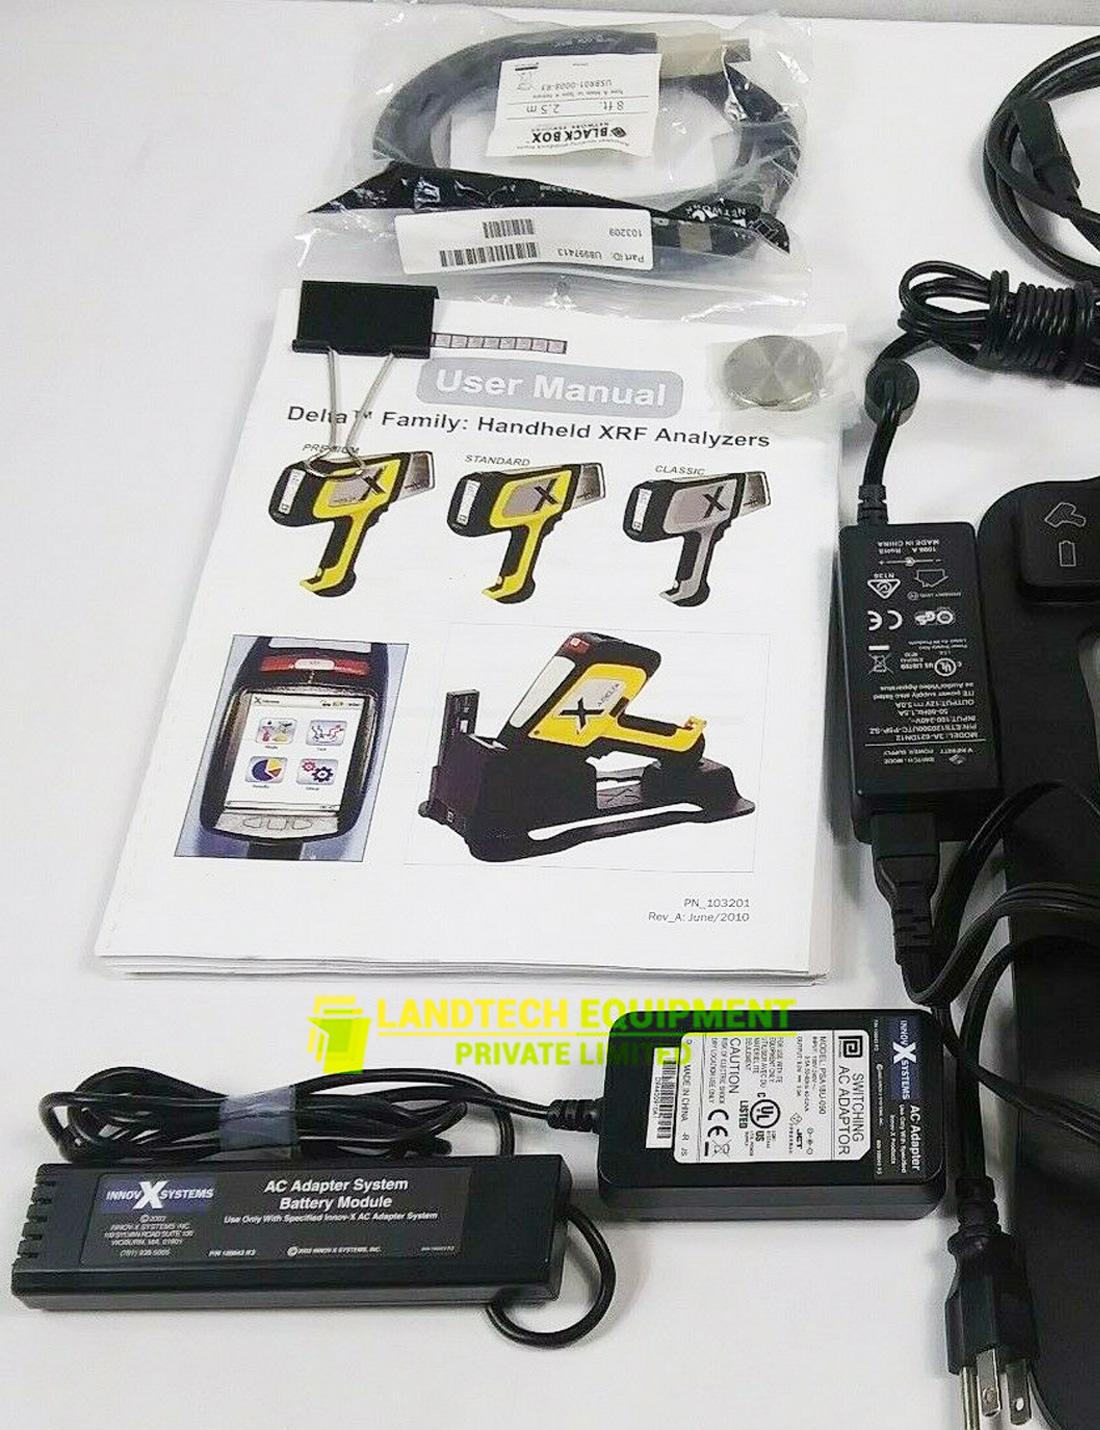 Olympus-Innov-X-DS-2000-Delta-Analyzer.jpg